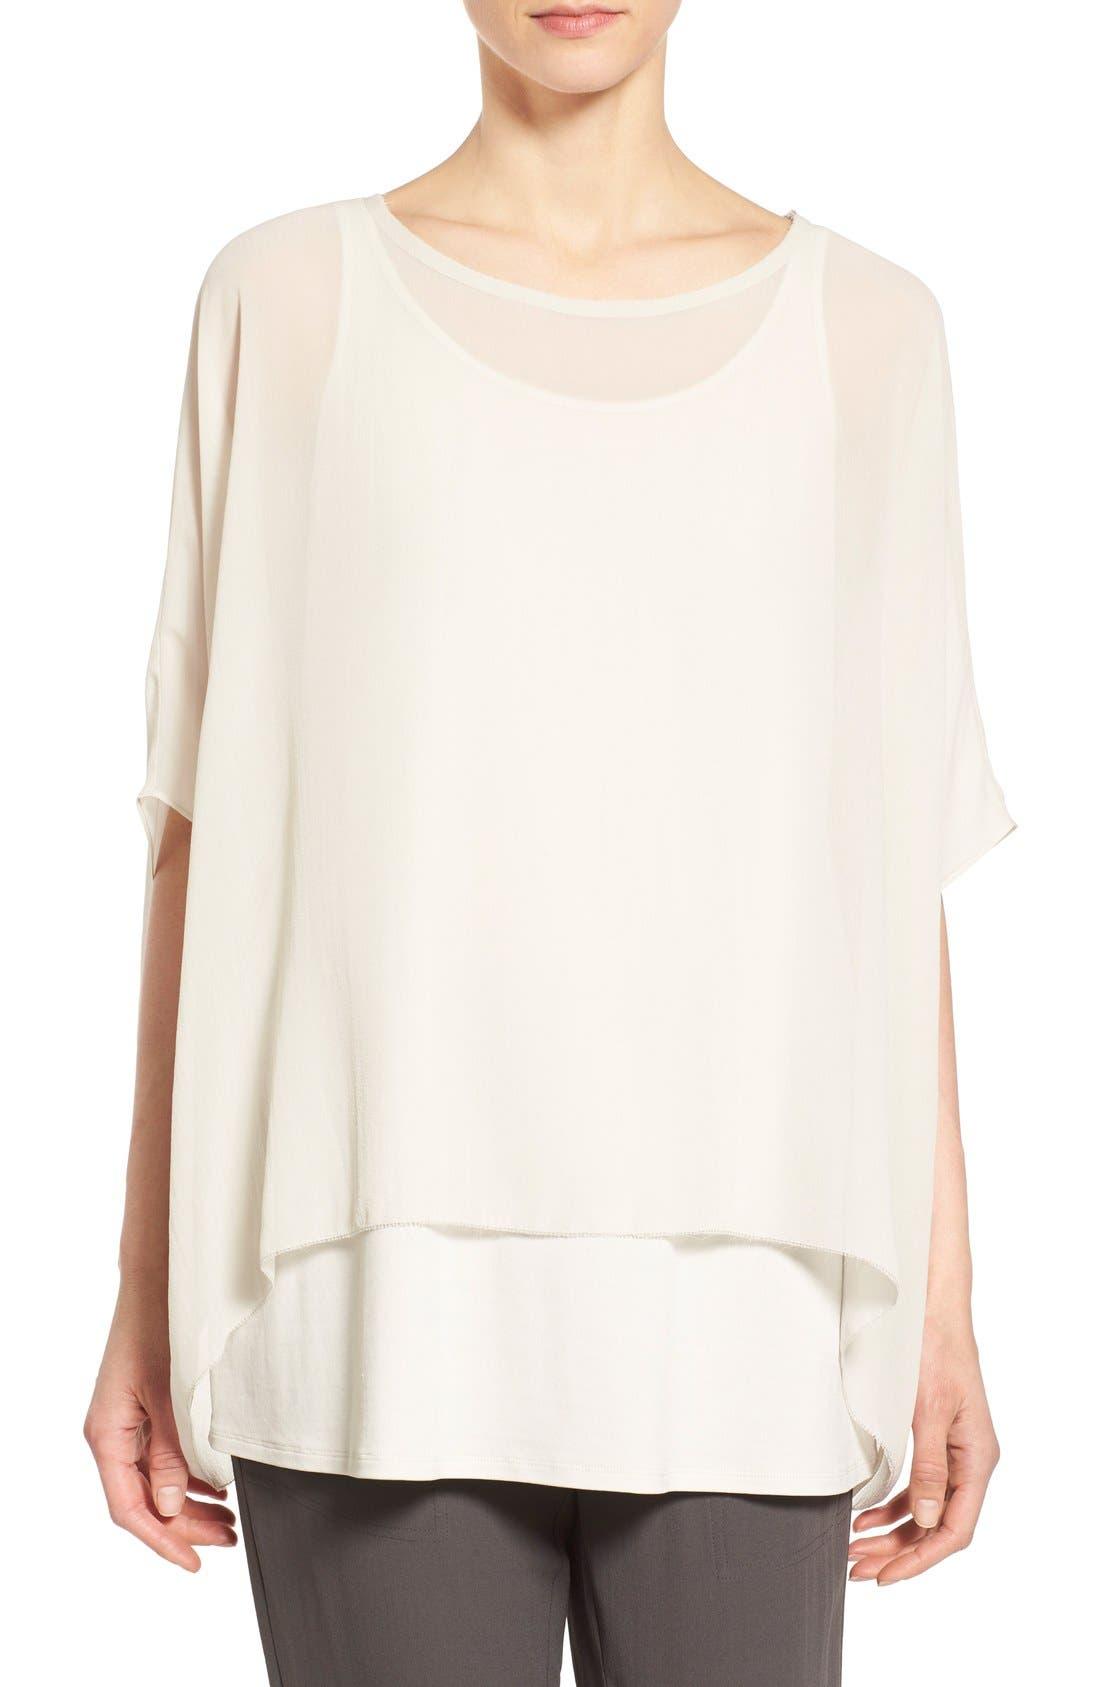 Alternate Image 1 Selected - Eileen Fisher Sheer Silk Georgette Top (Regular & Petite)